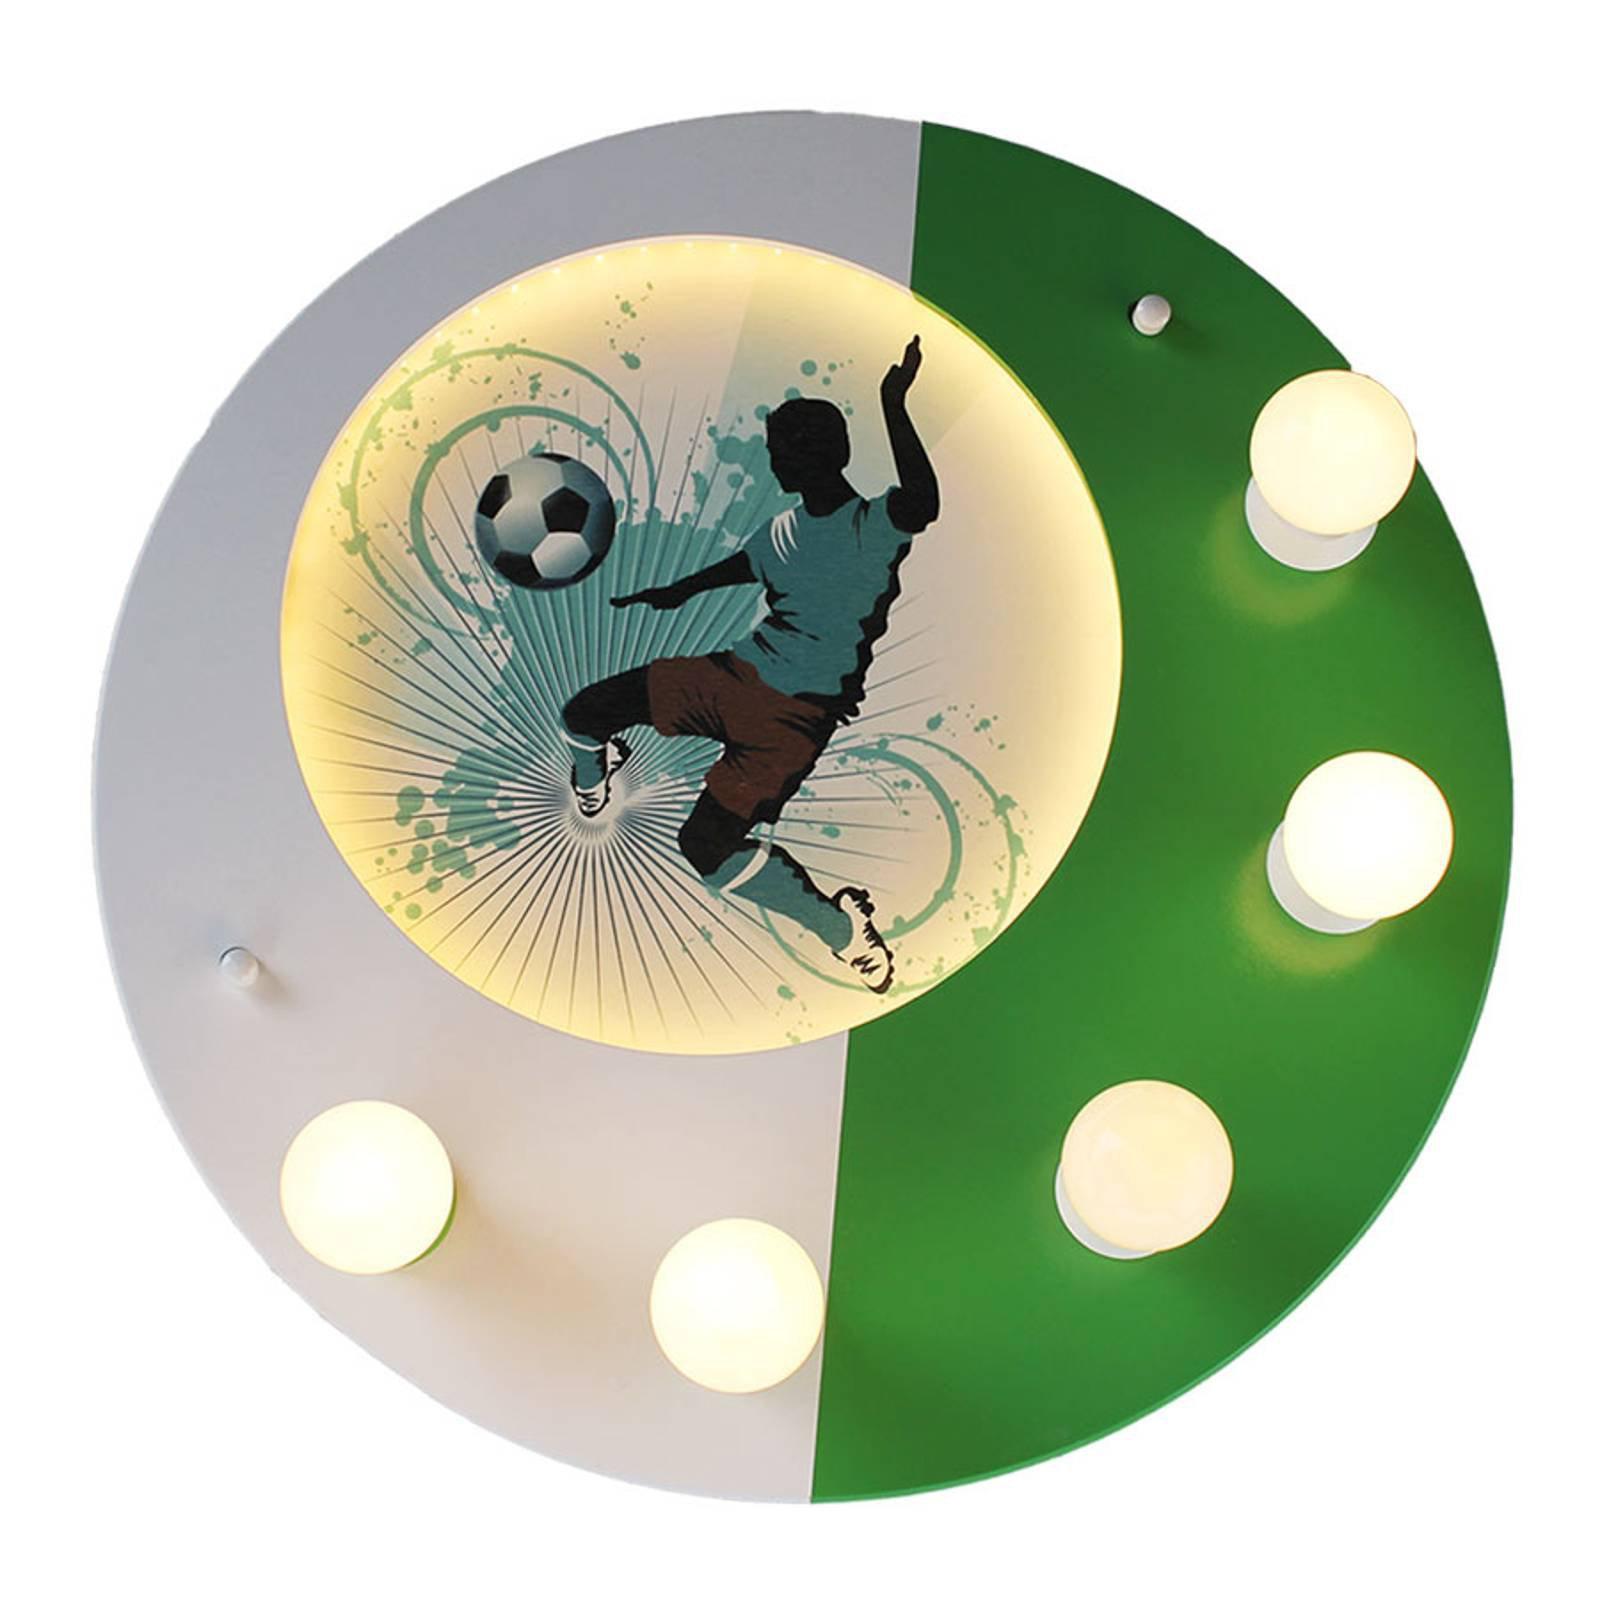 Taklampe Soccer, 5 lyskilder, grønn og hvit